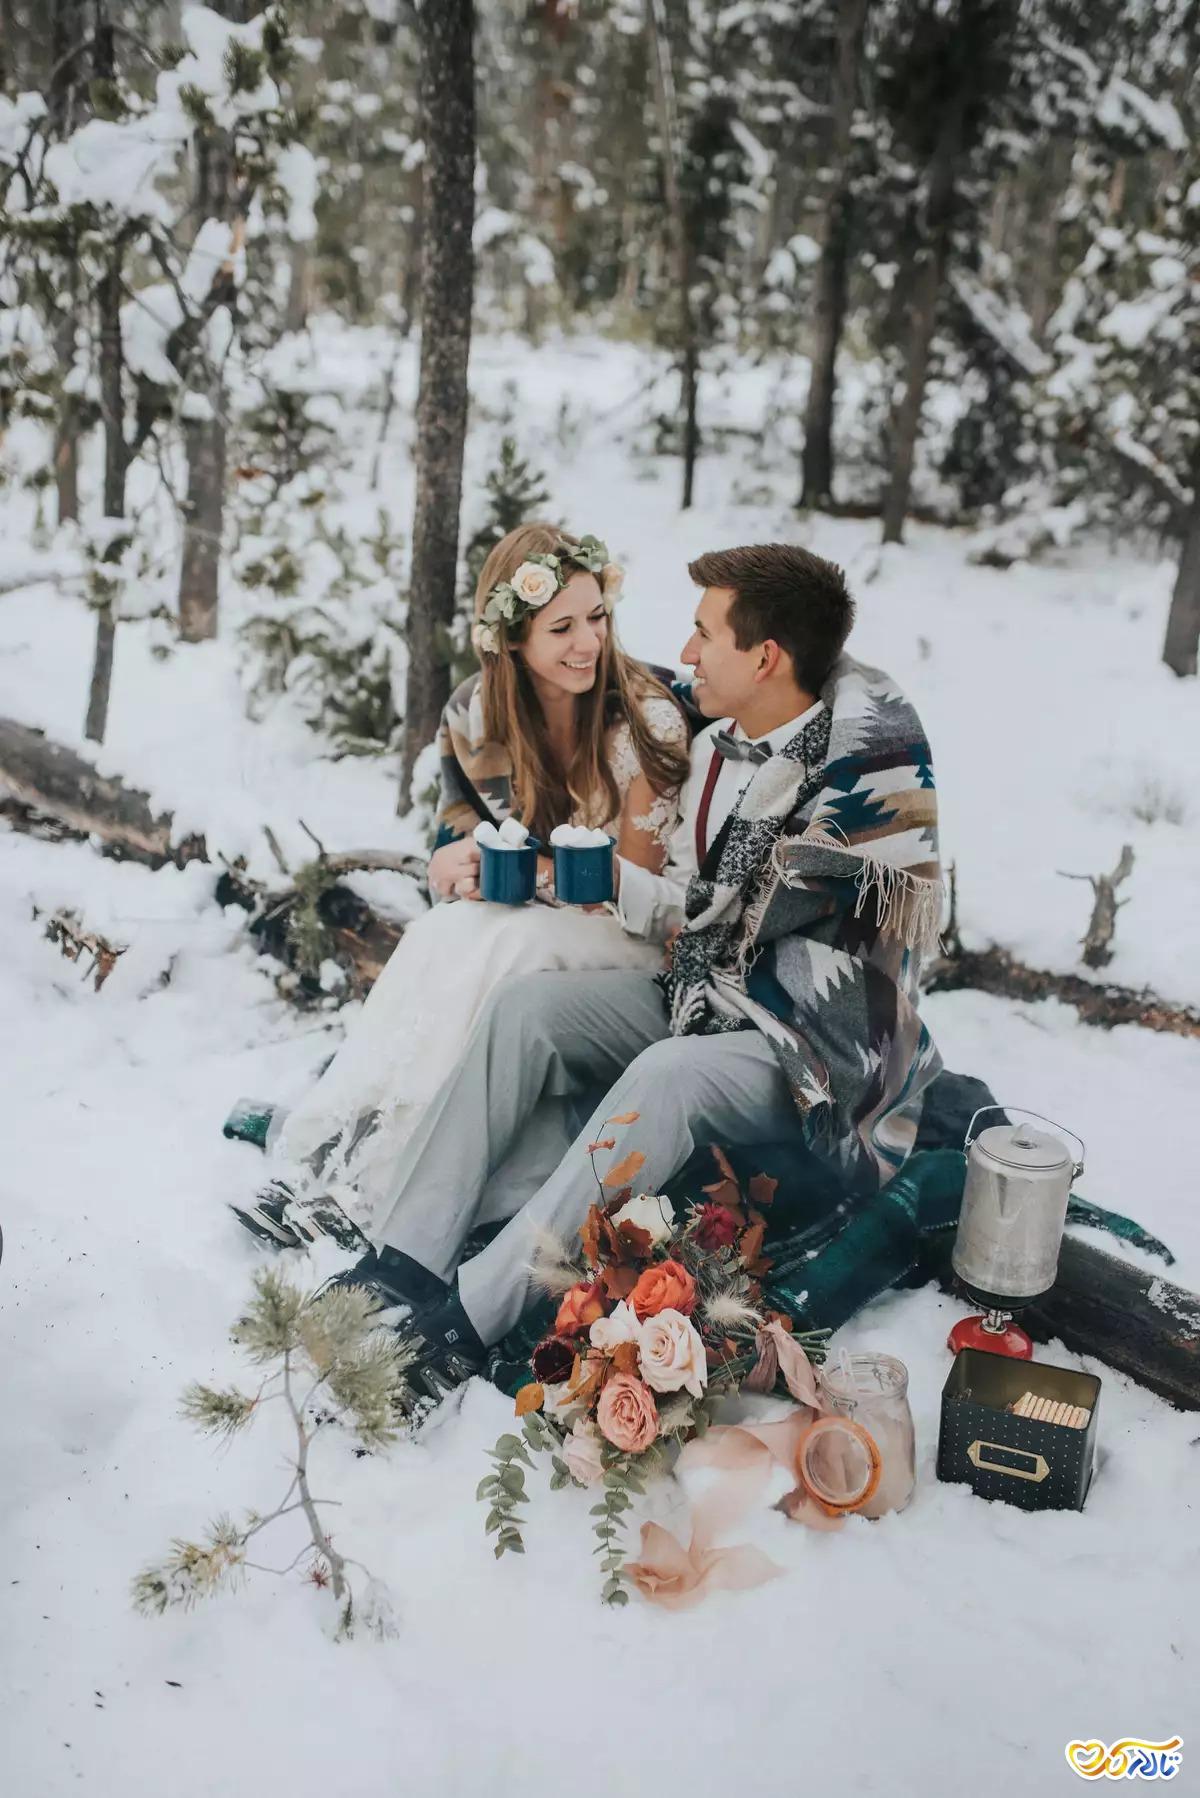 مراسم عروسی زمستانی